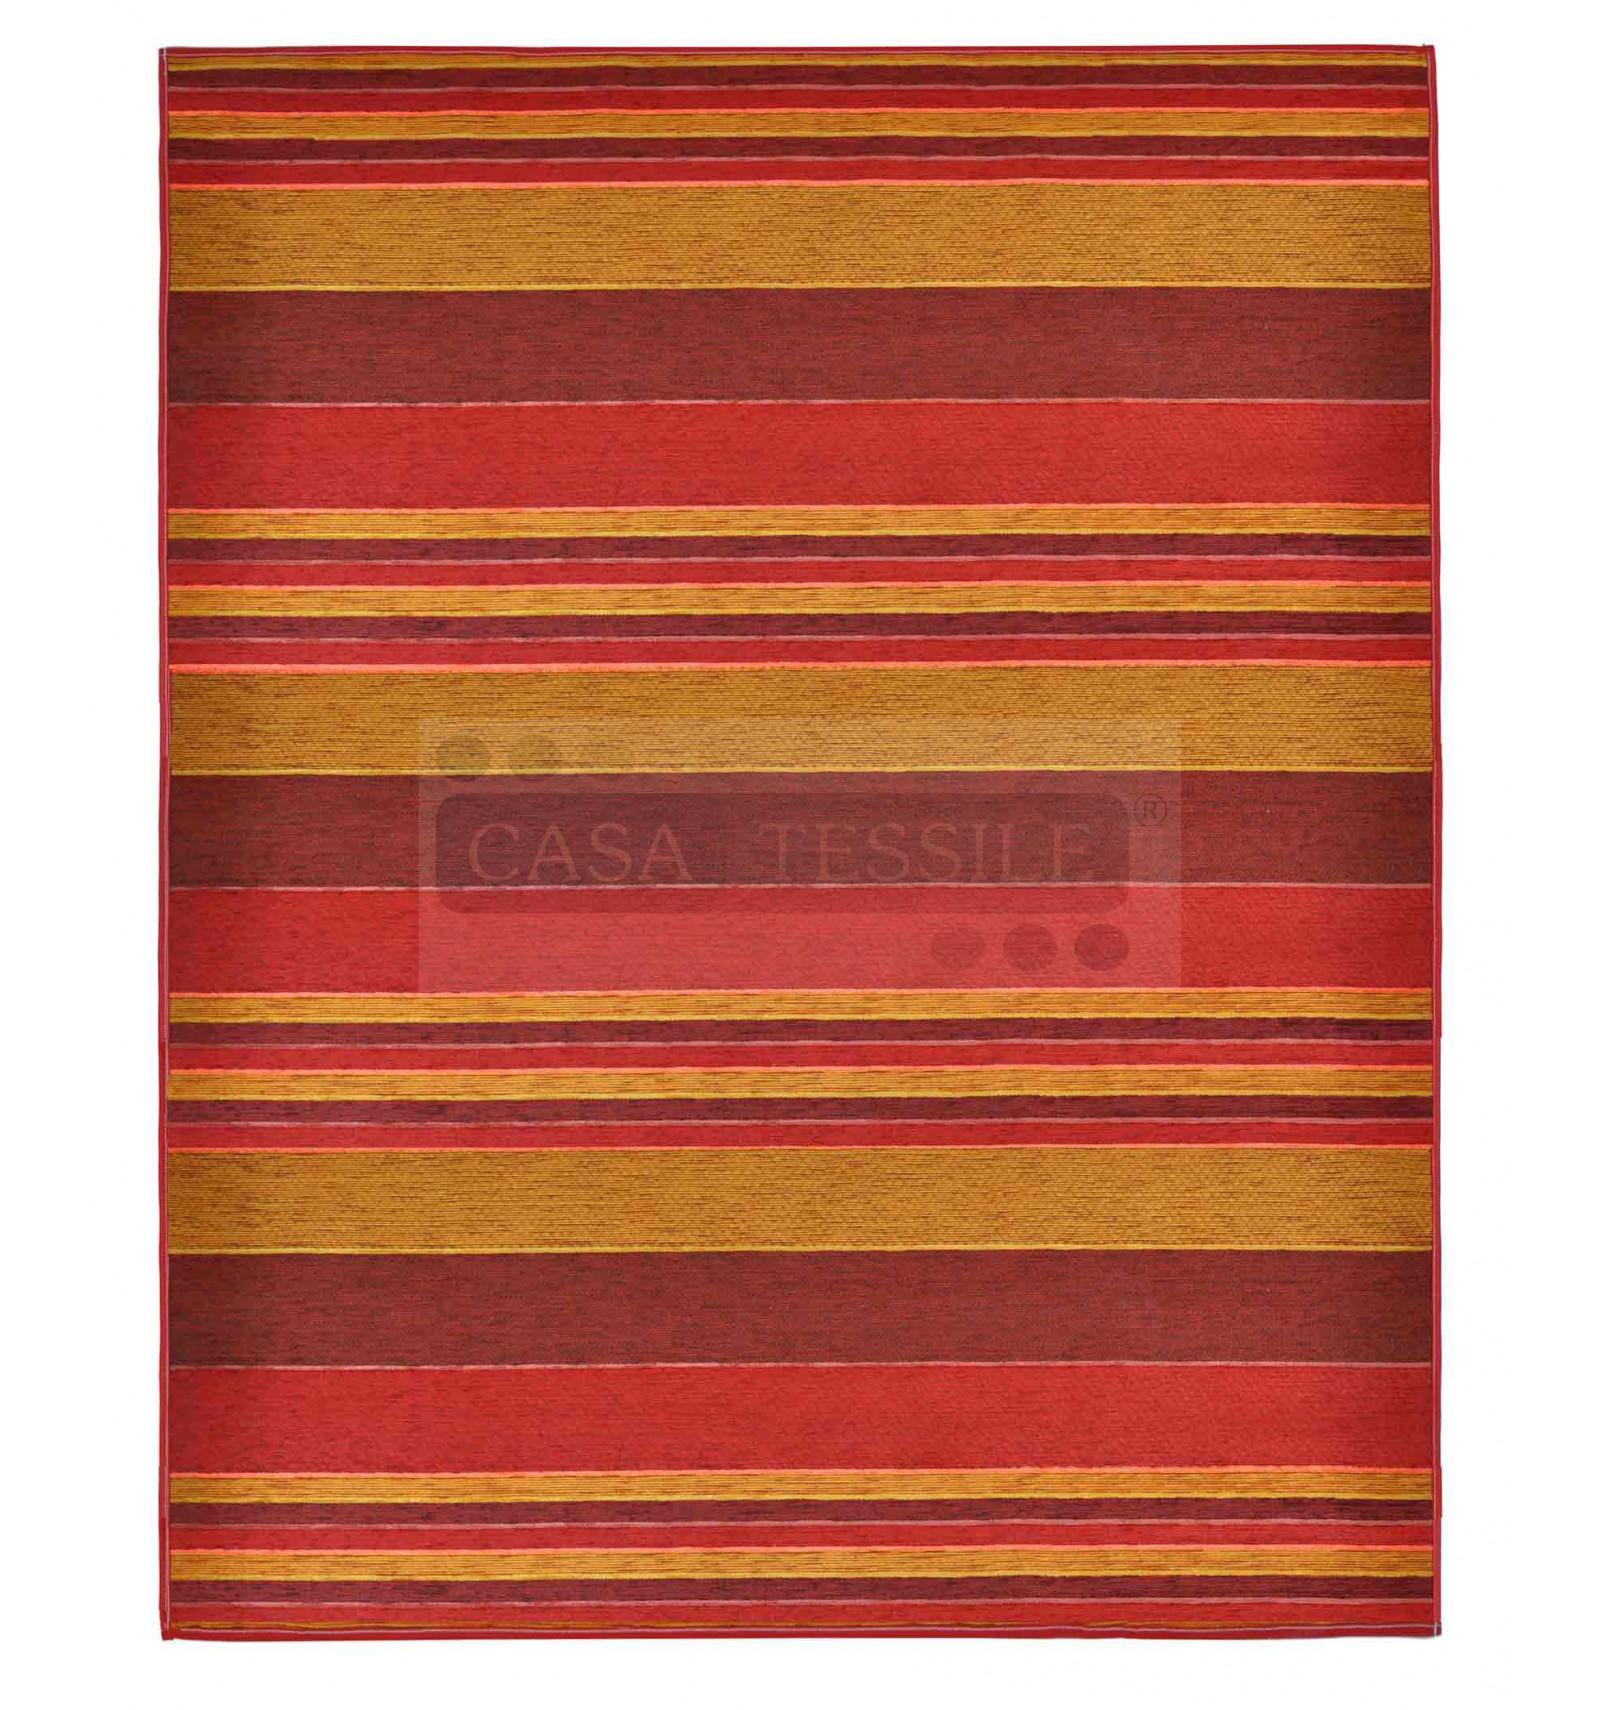 Lebandes tappeto scendiletto 80x150 cm casatessile - Tappeto scendiletto ...